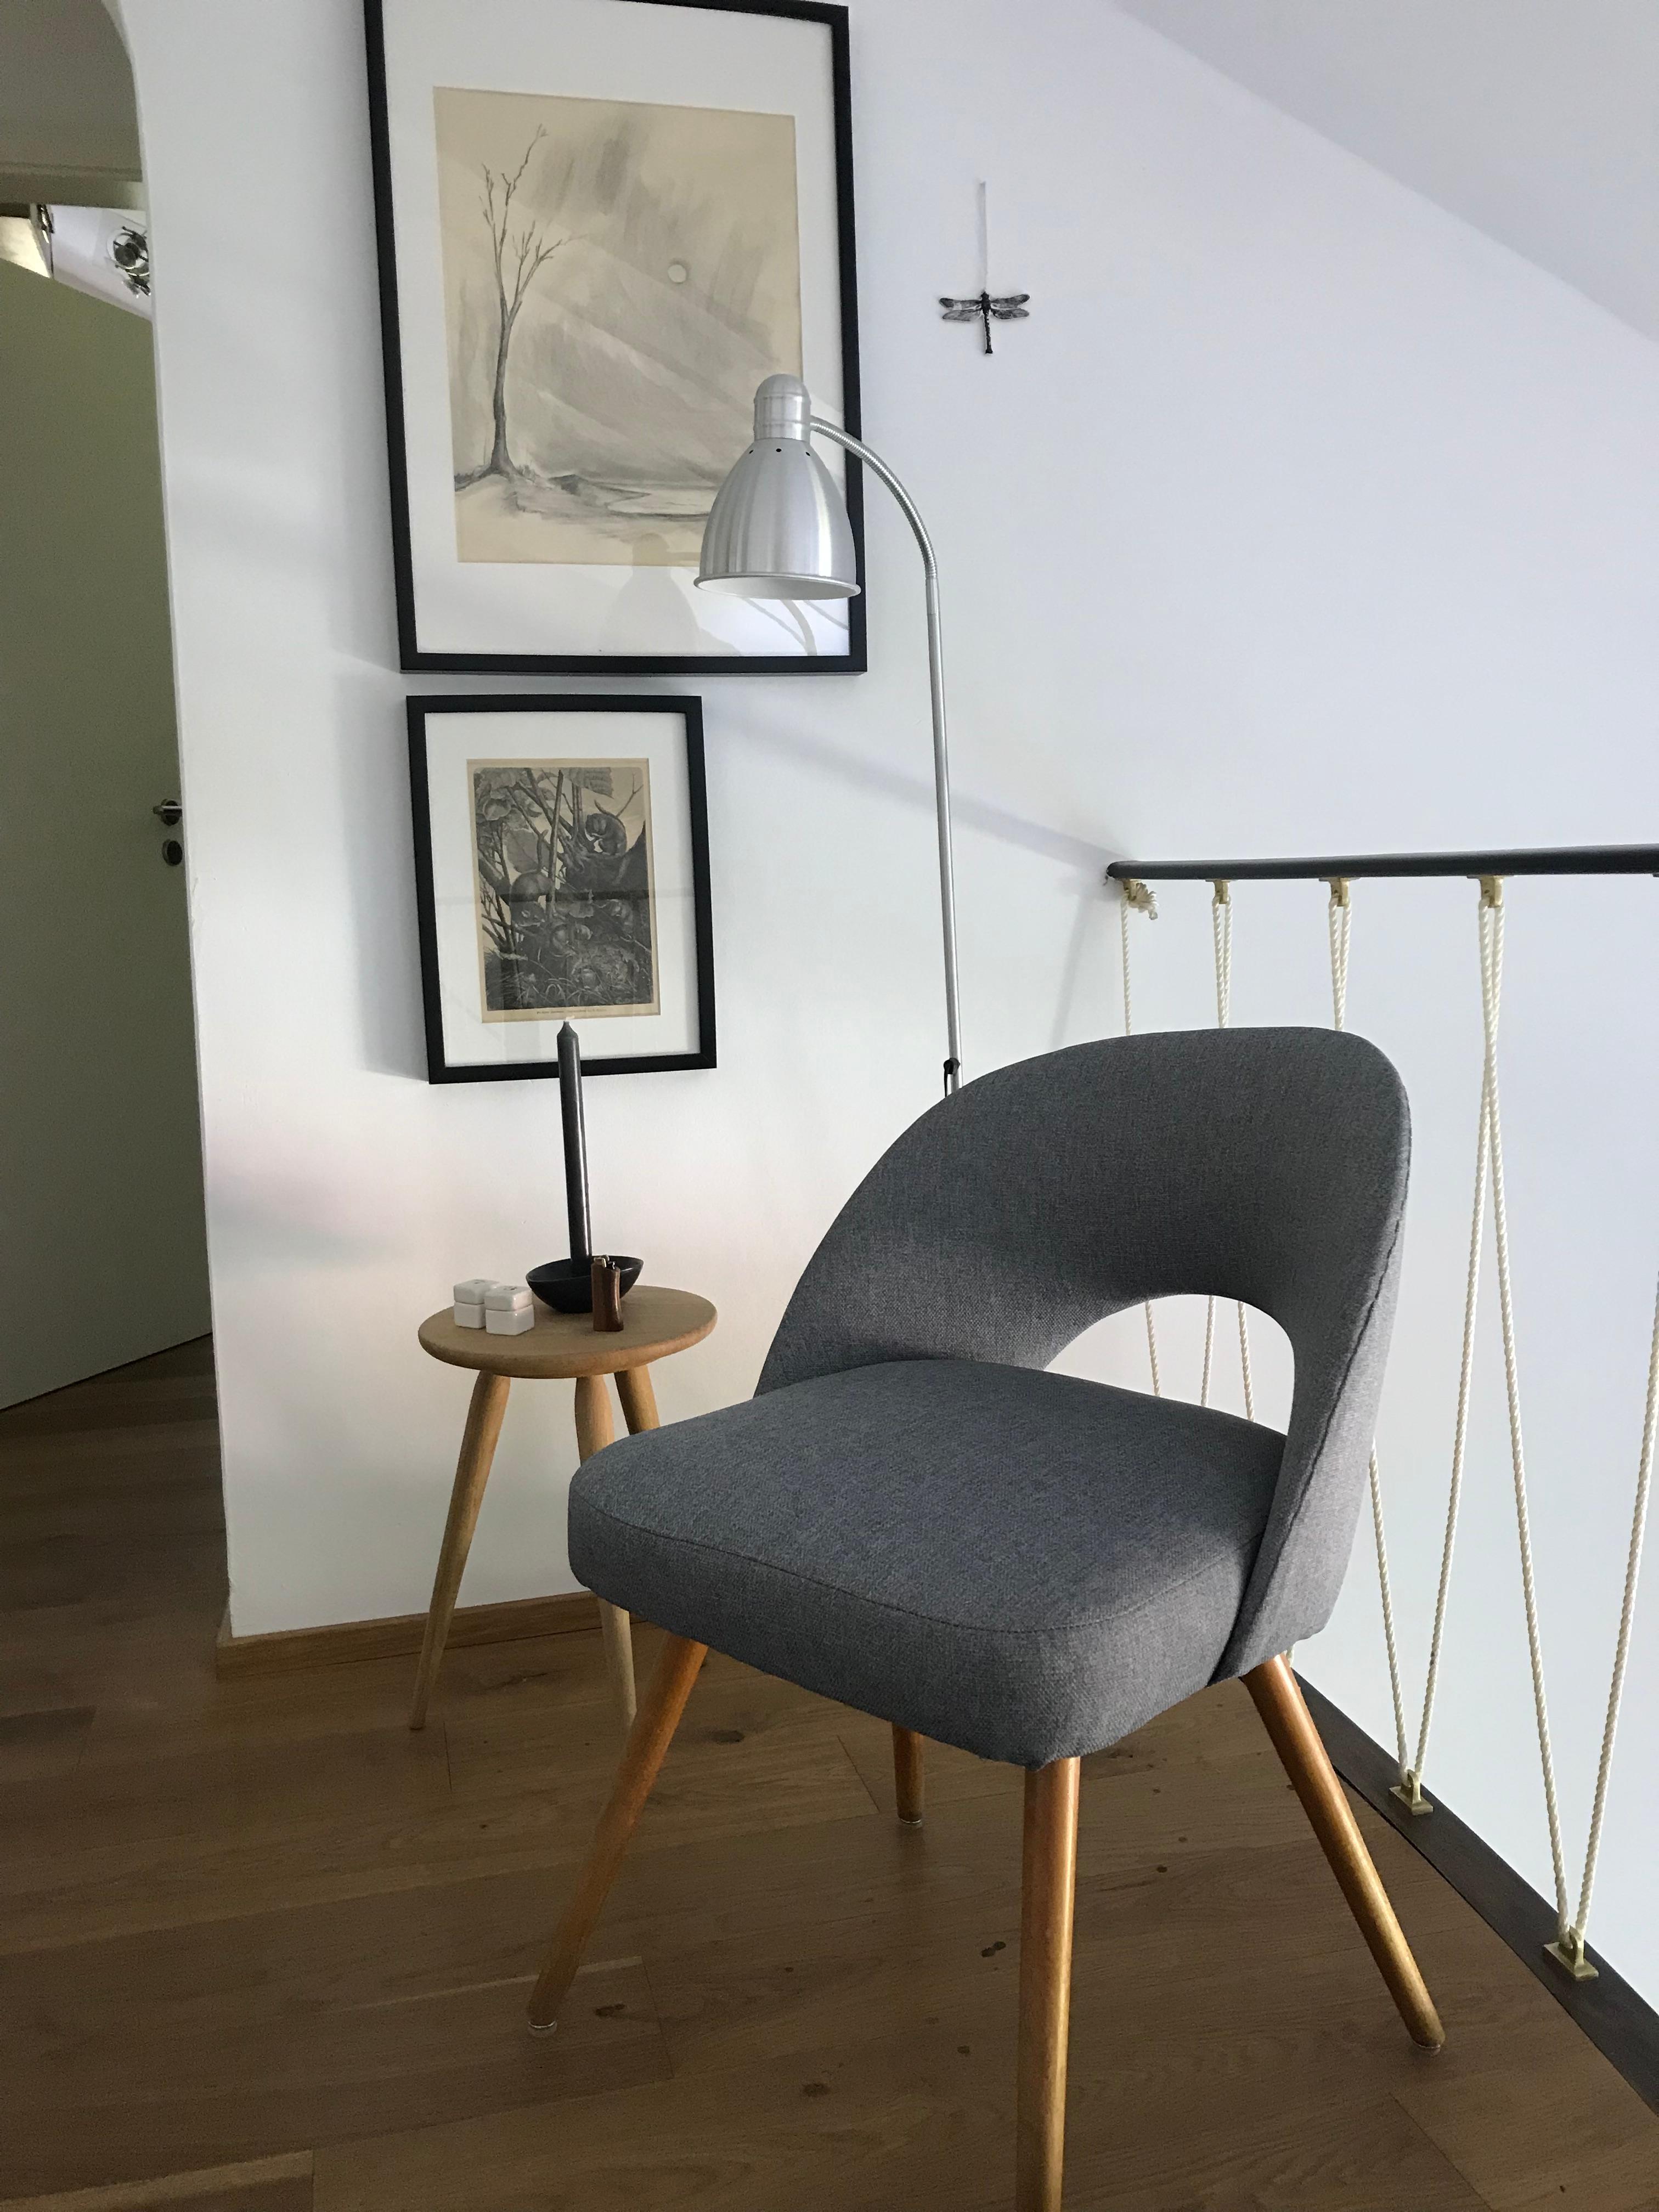 Galerie In Unserem 60er Jahre Haus. Der Stuhl War Ein Flohmarktfund, Jetzt  Mit Neuem